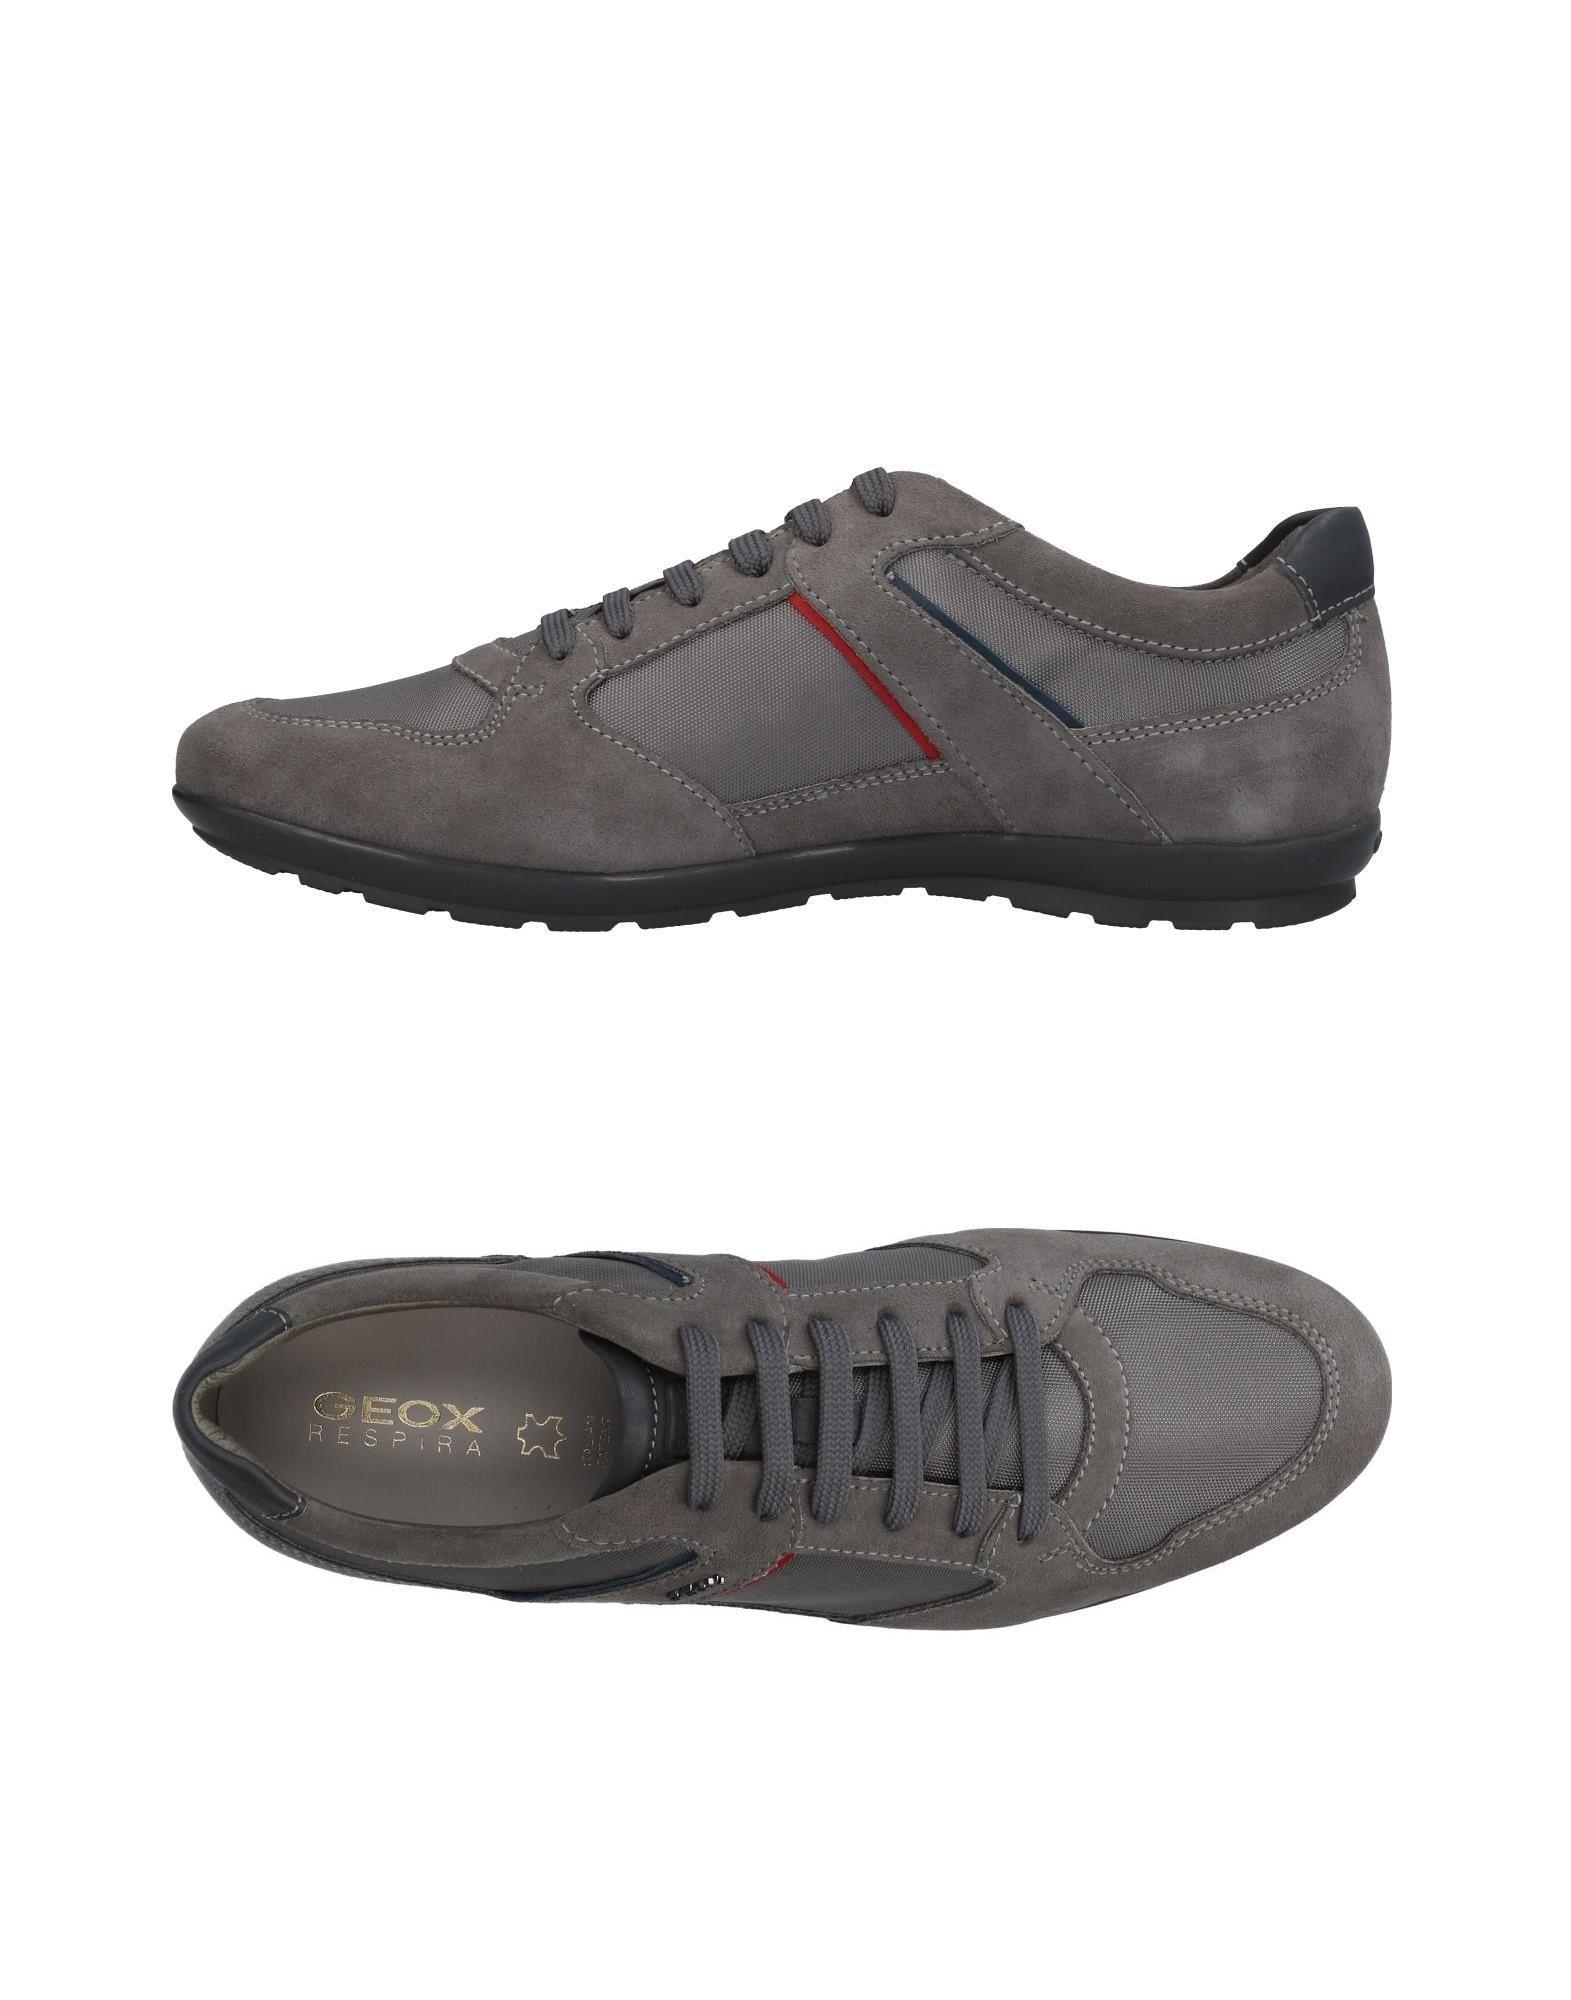 Sneakers Geox Homme - Sneakers Geox  Gris Réduction de prix saisonnier, remise